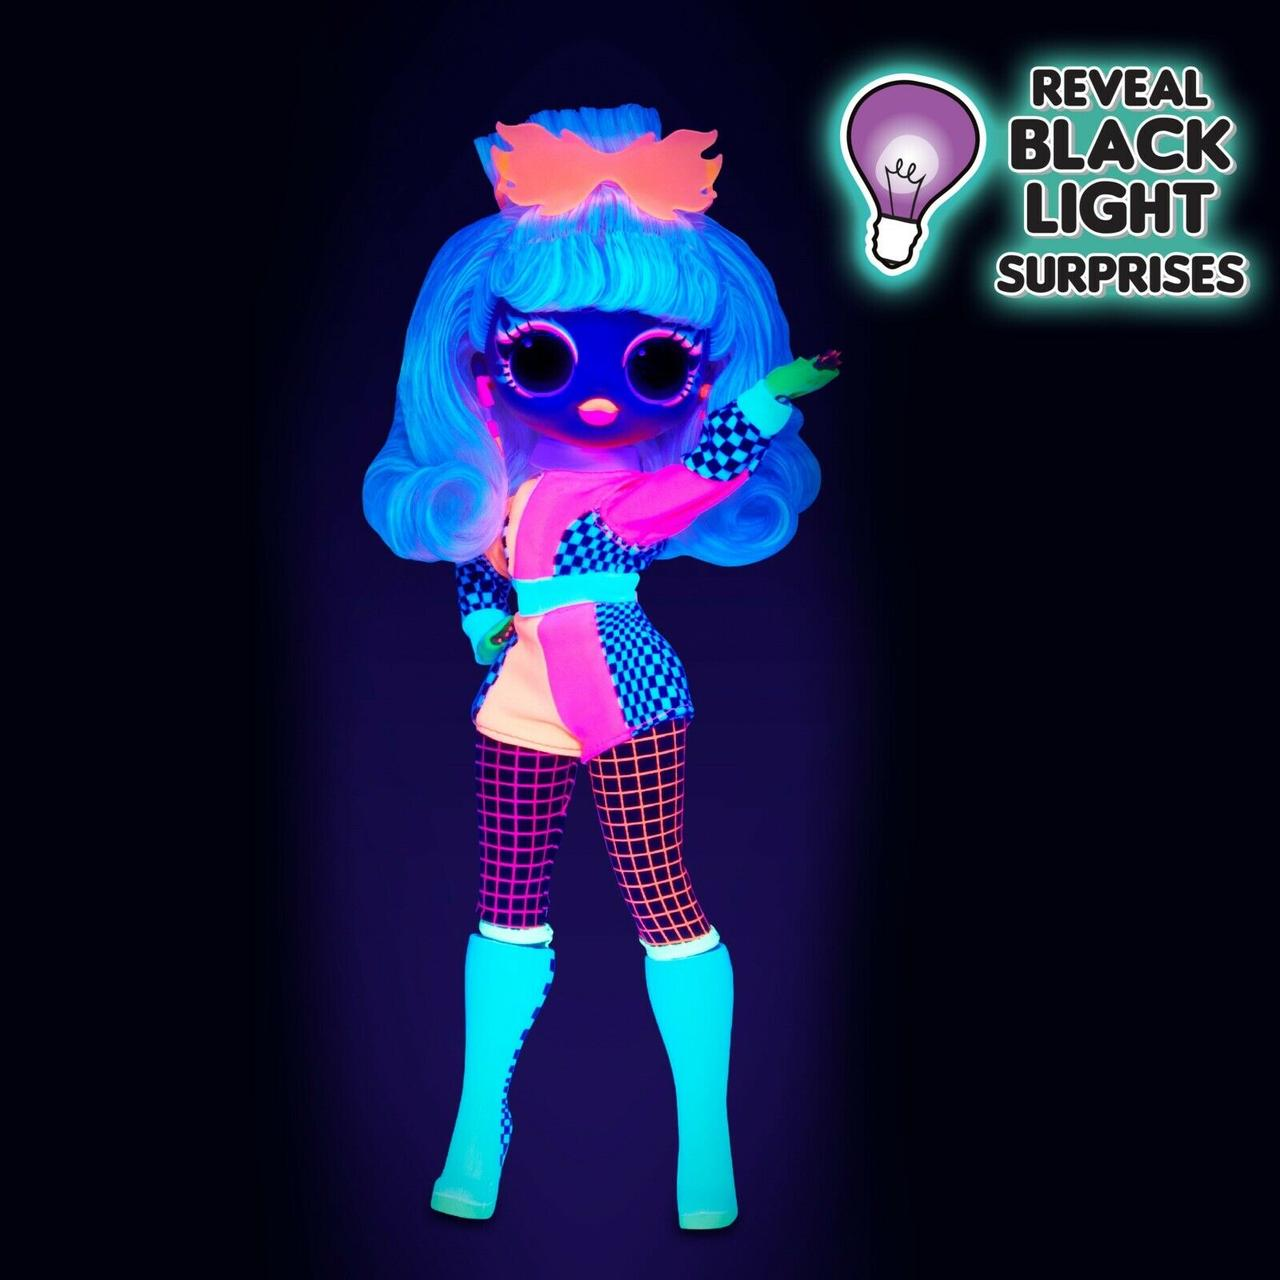 LOL OMG Lights Светящаяся Кукла Неон ЛОЛ ОМГ Спидстер (Speedster), 3 серия, ЛОЛ Сюрприз - фото 5